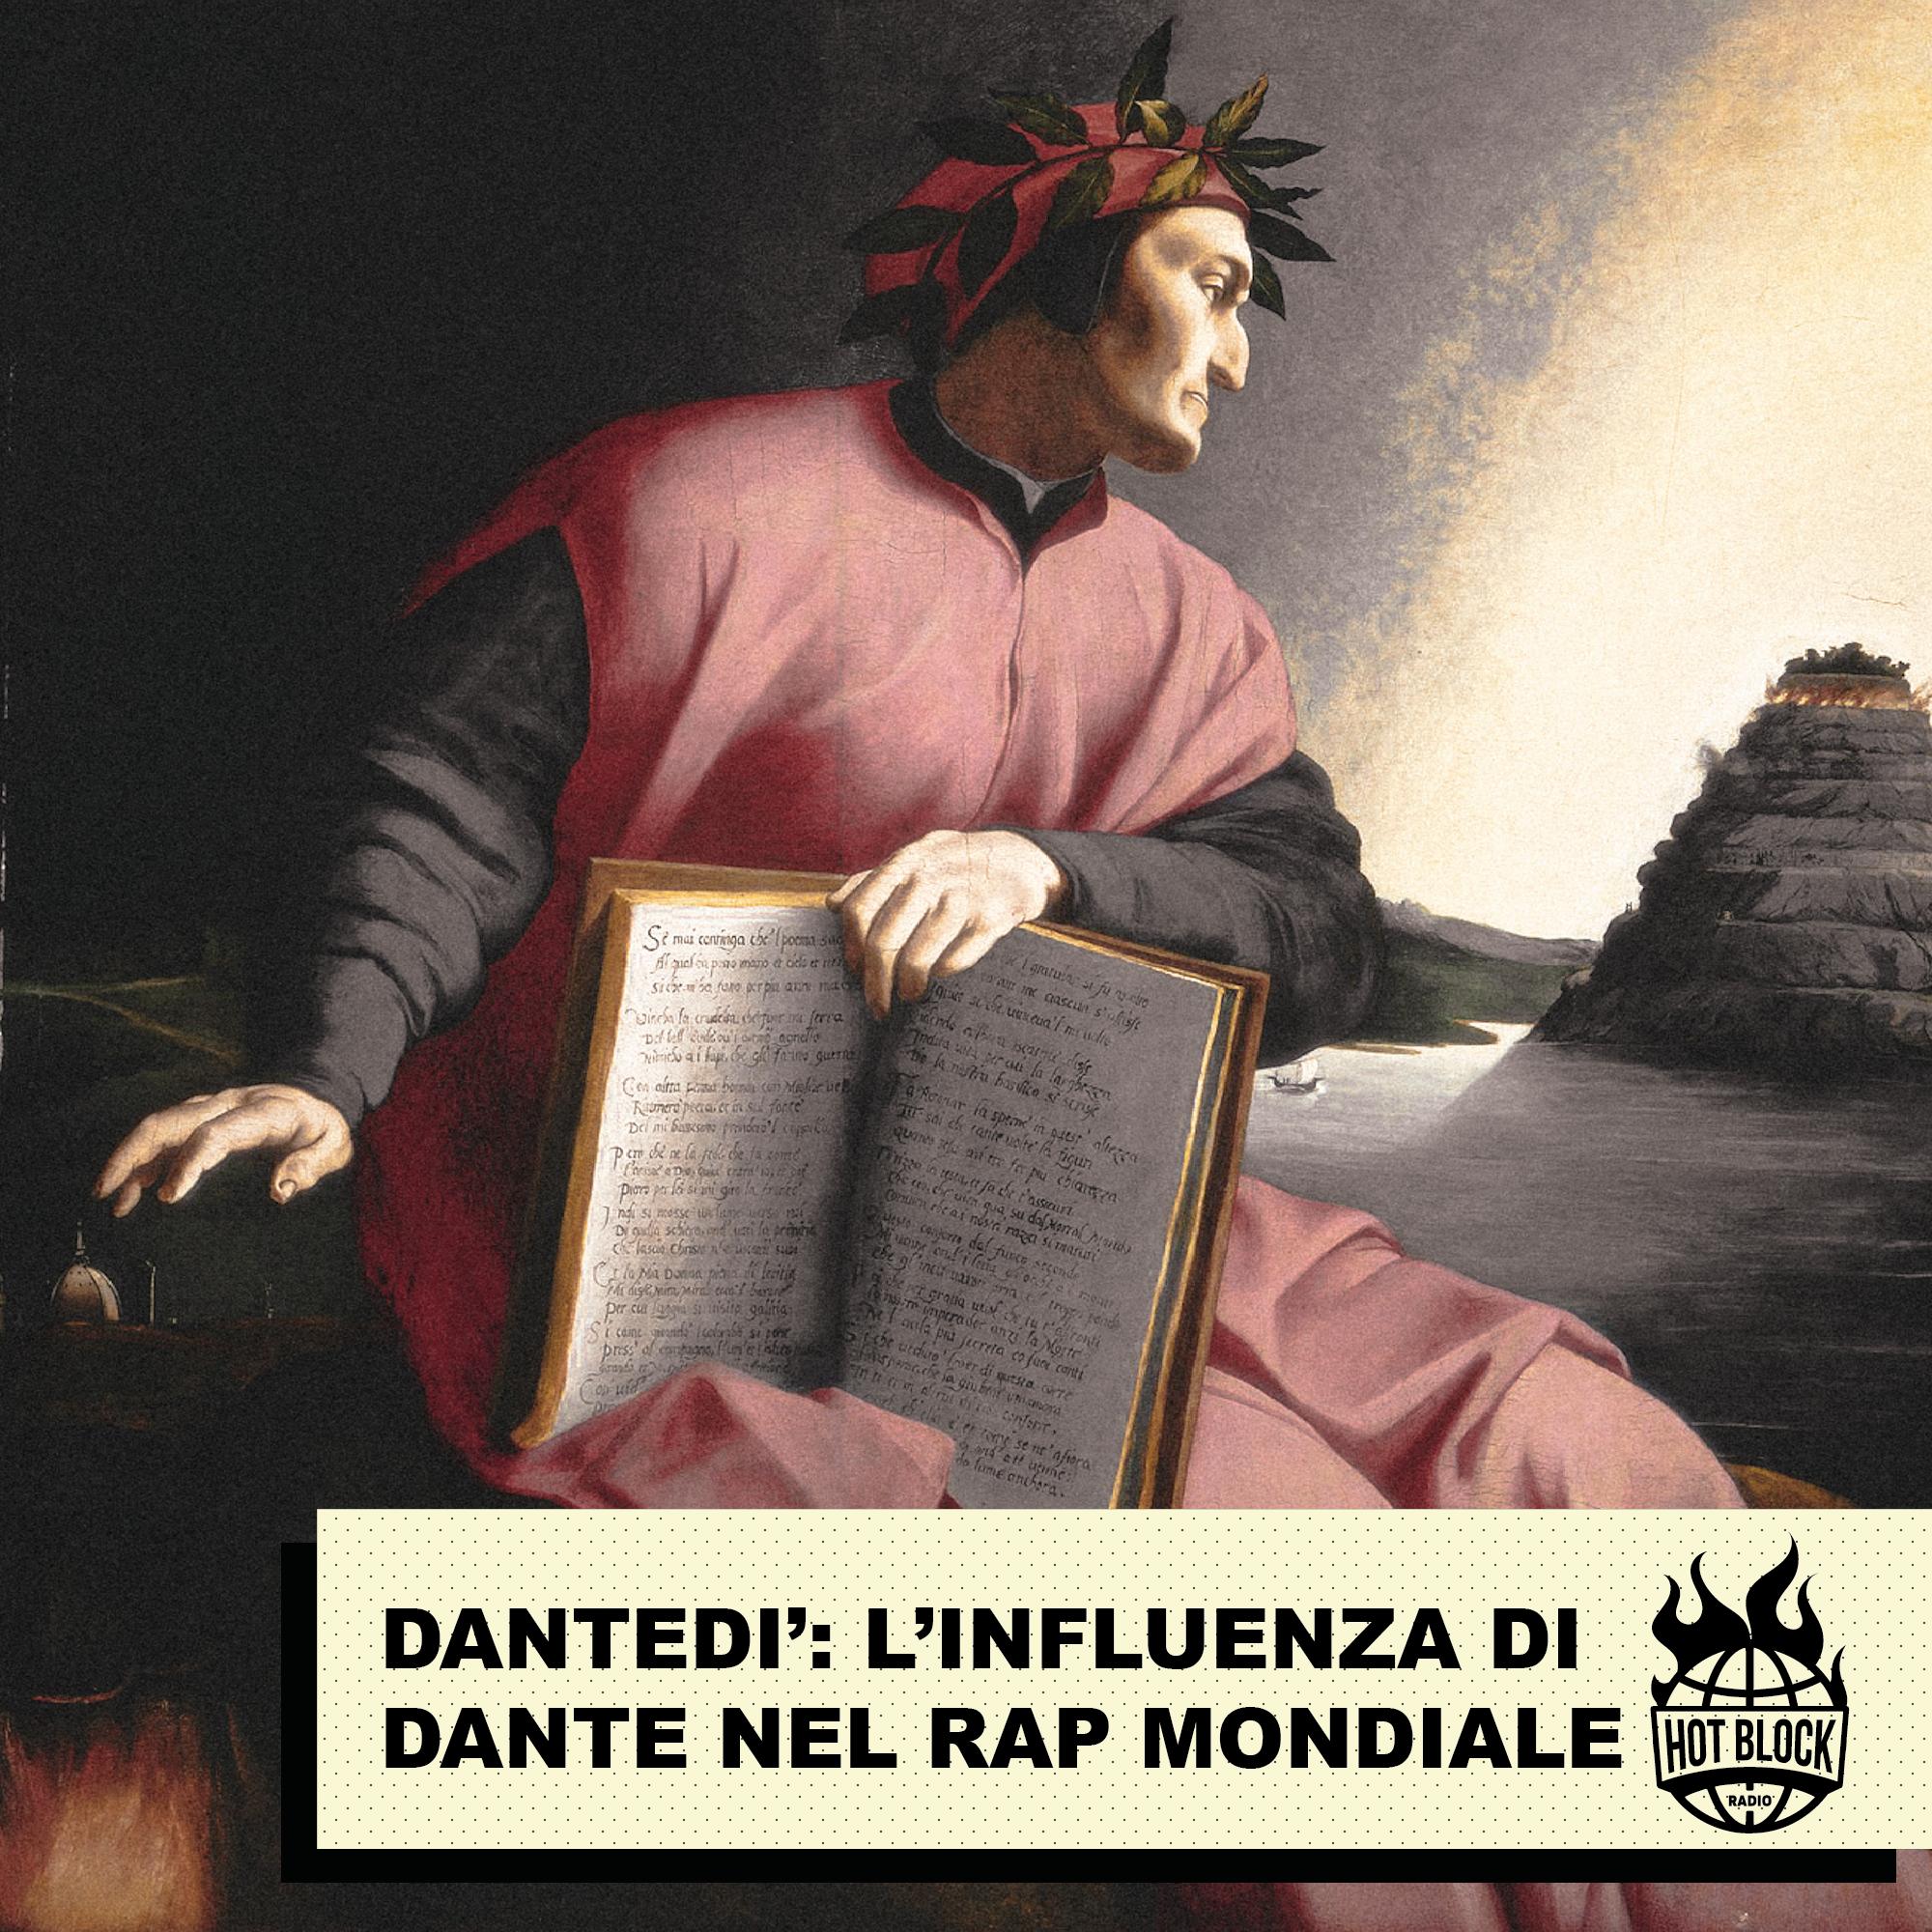 influenza-di-dante-nel-rap-mondiale